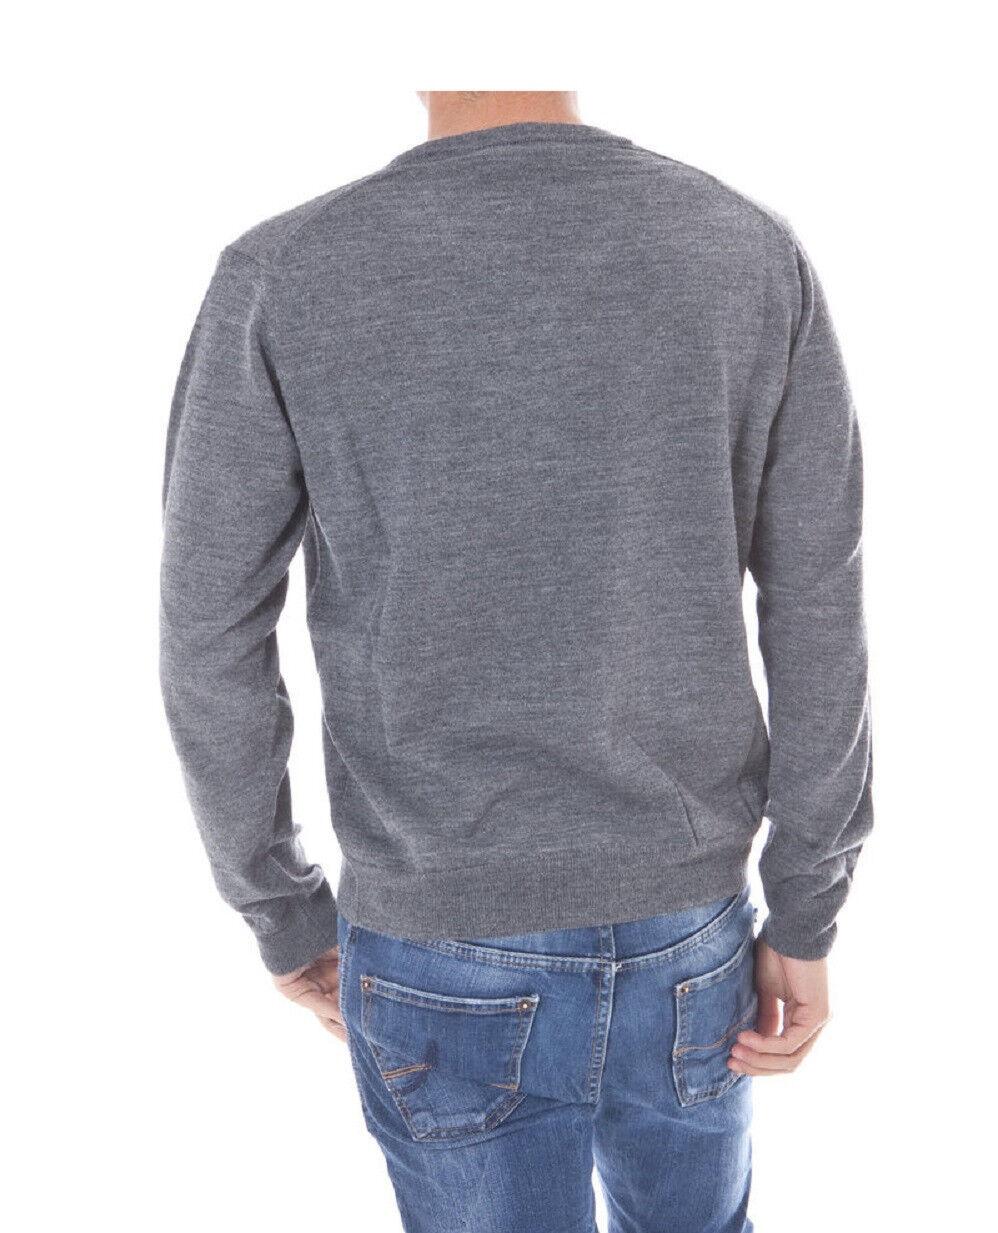 ROMEO GIGLI UOMO UOMO UOMO V-Neck Pullover grigio scuro taglia M L nuovo + fattura con IVA. f13c0f